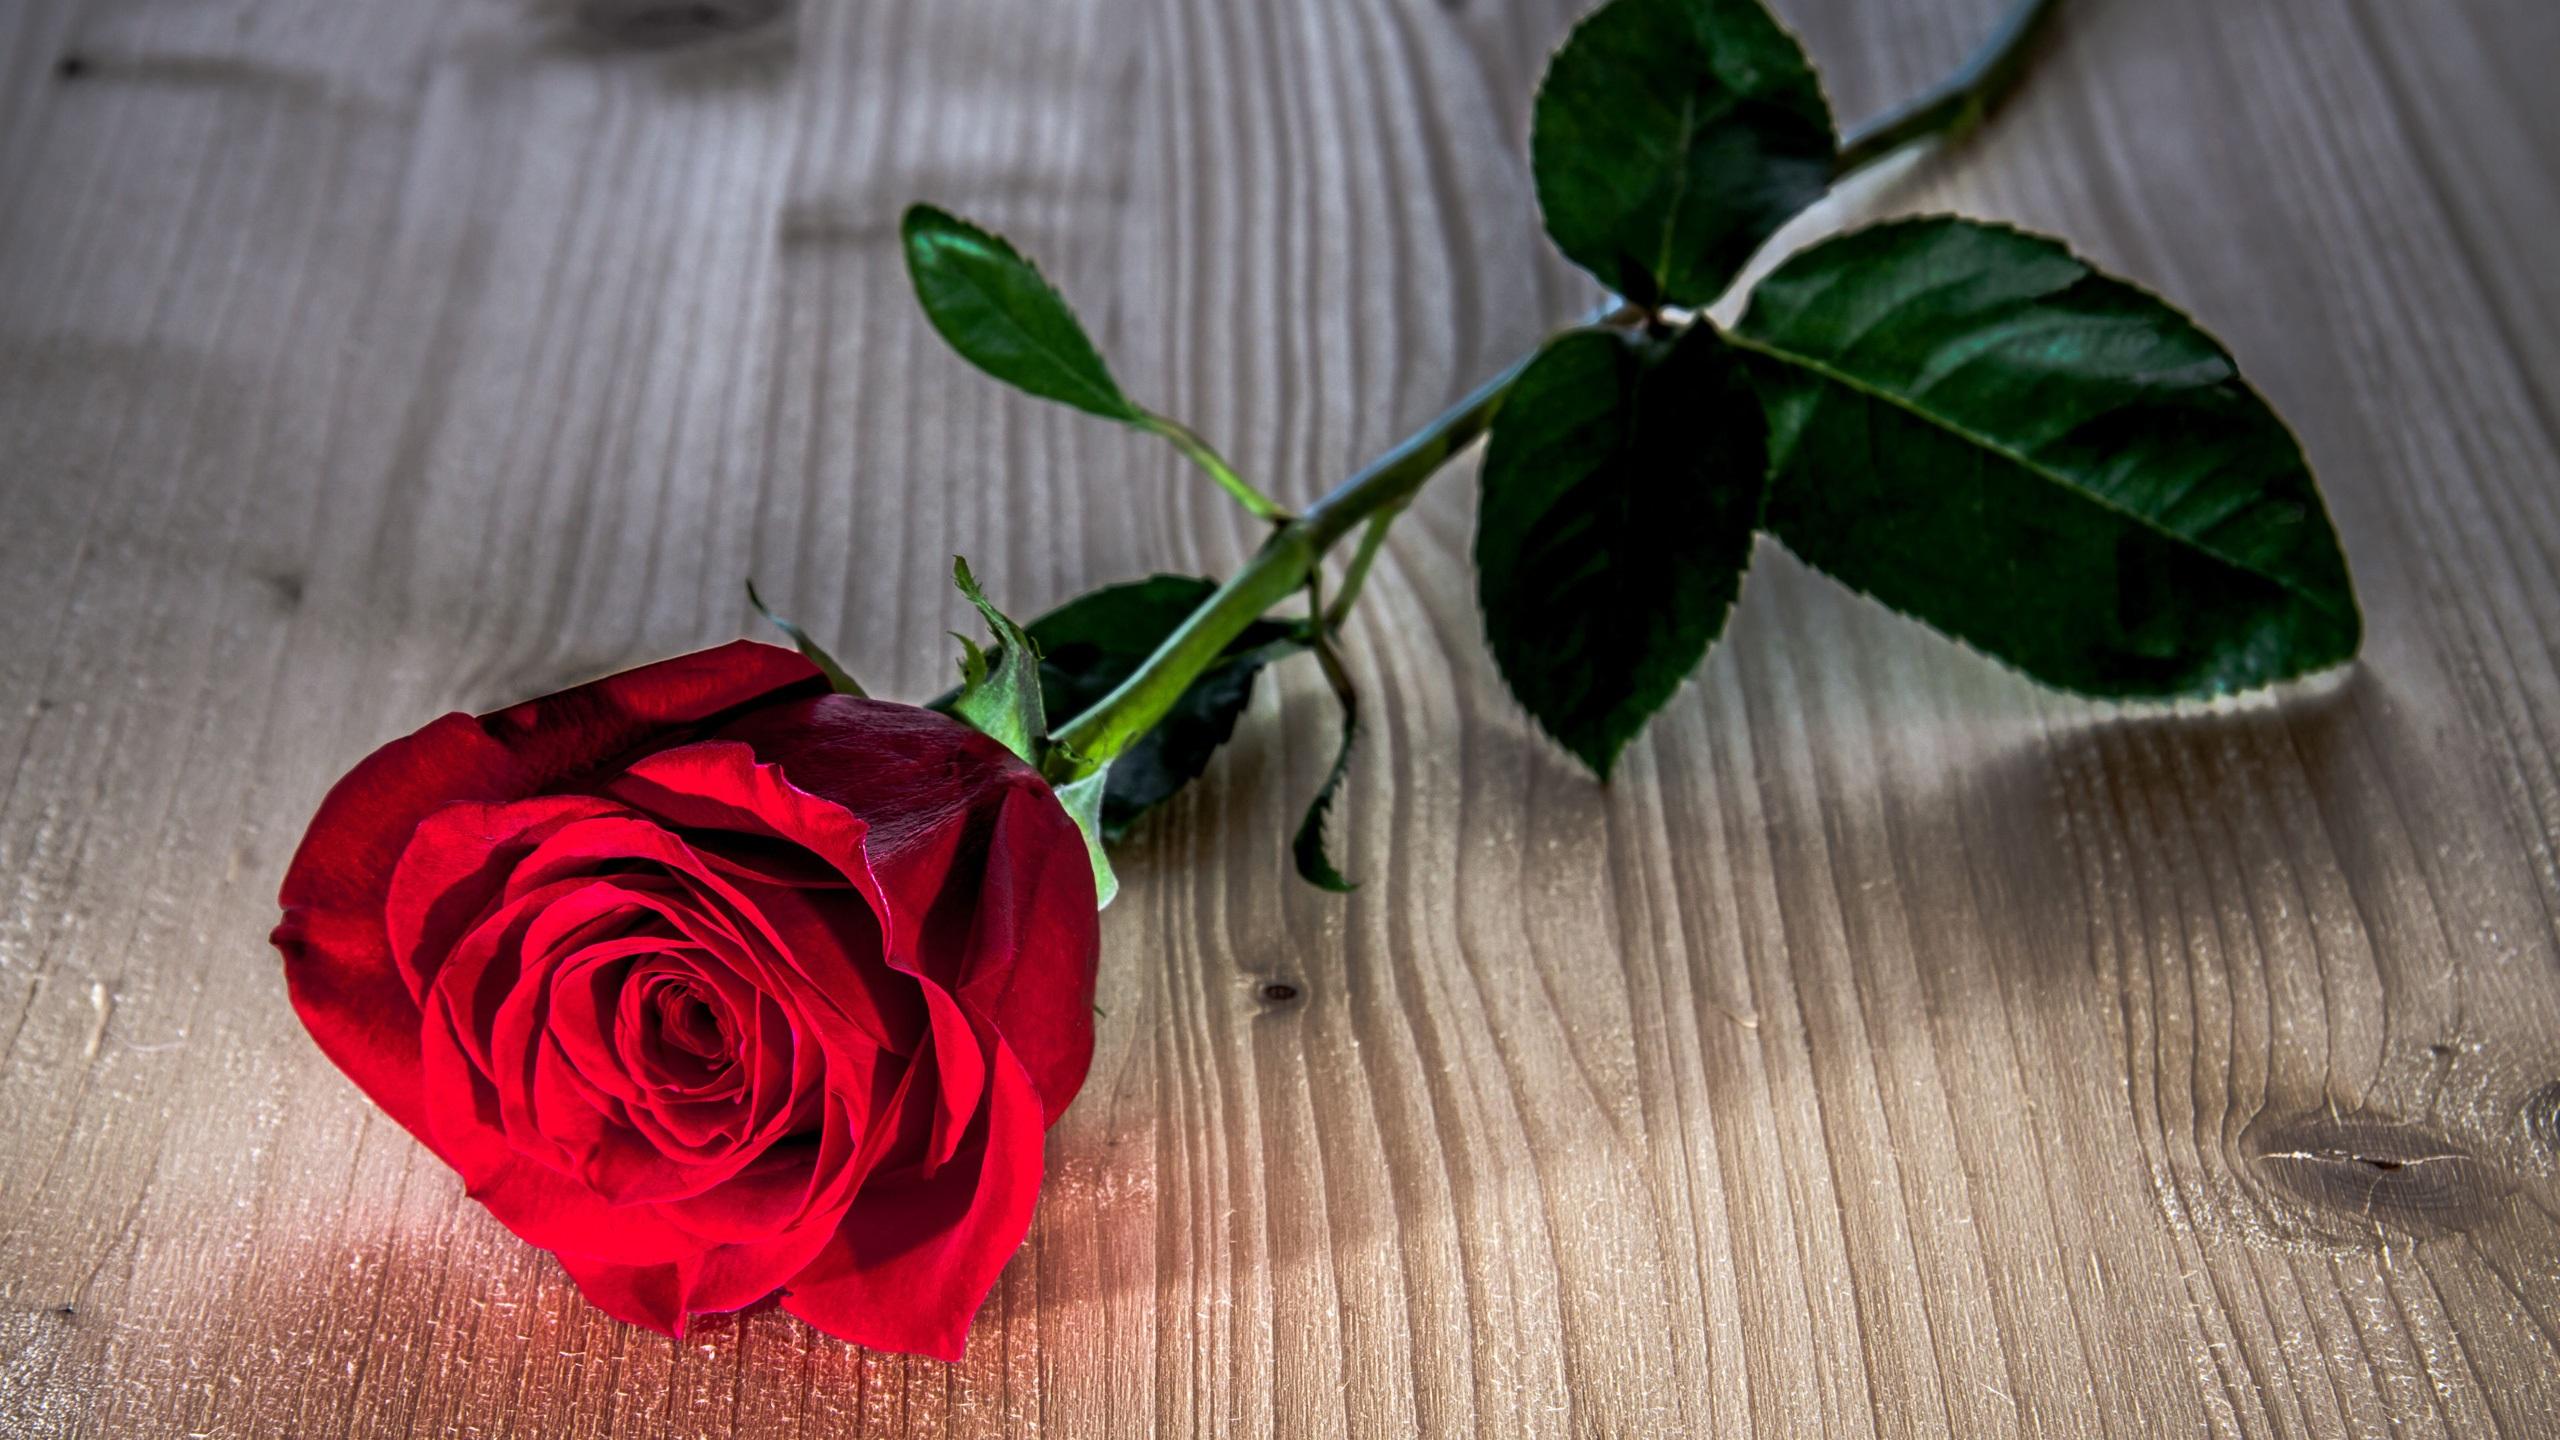 цветы роза фото бесплатно скачать